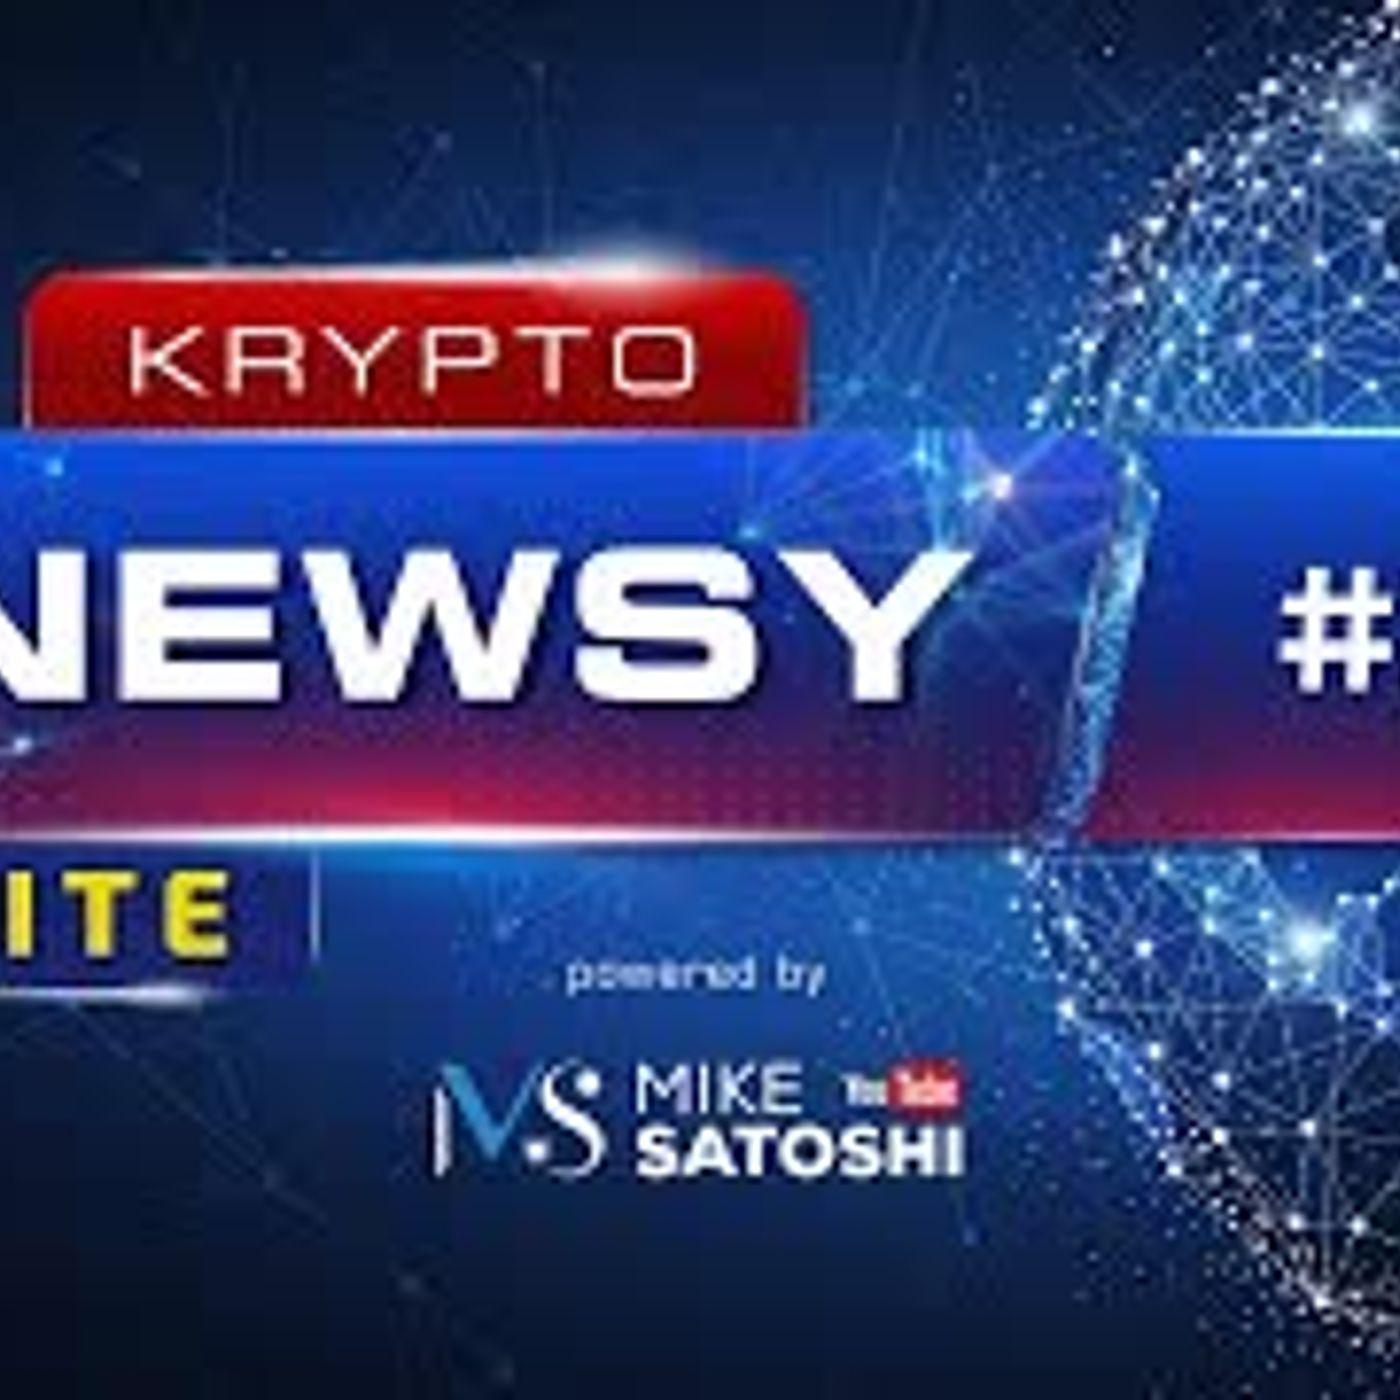 Krypto-Newsy Lite #2 | 14.05.2020 | BitBay na 24 miejscu w rankingu CoinMarketCap, Bitcoin po $20k do końca roku